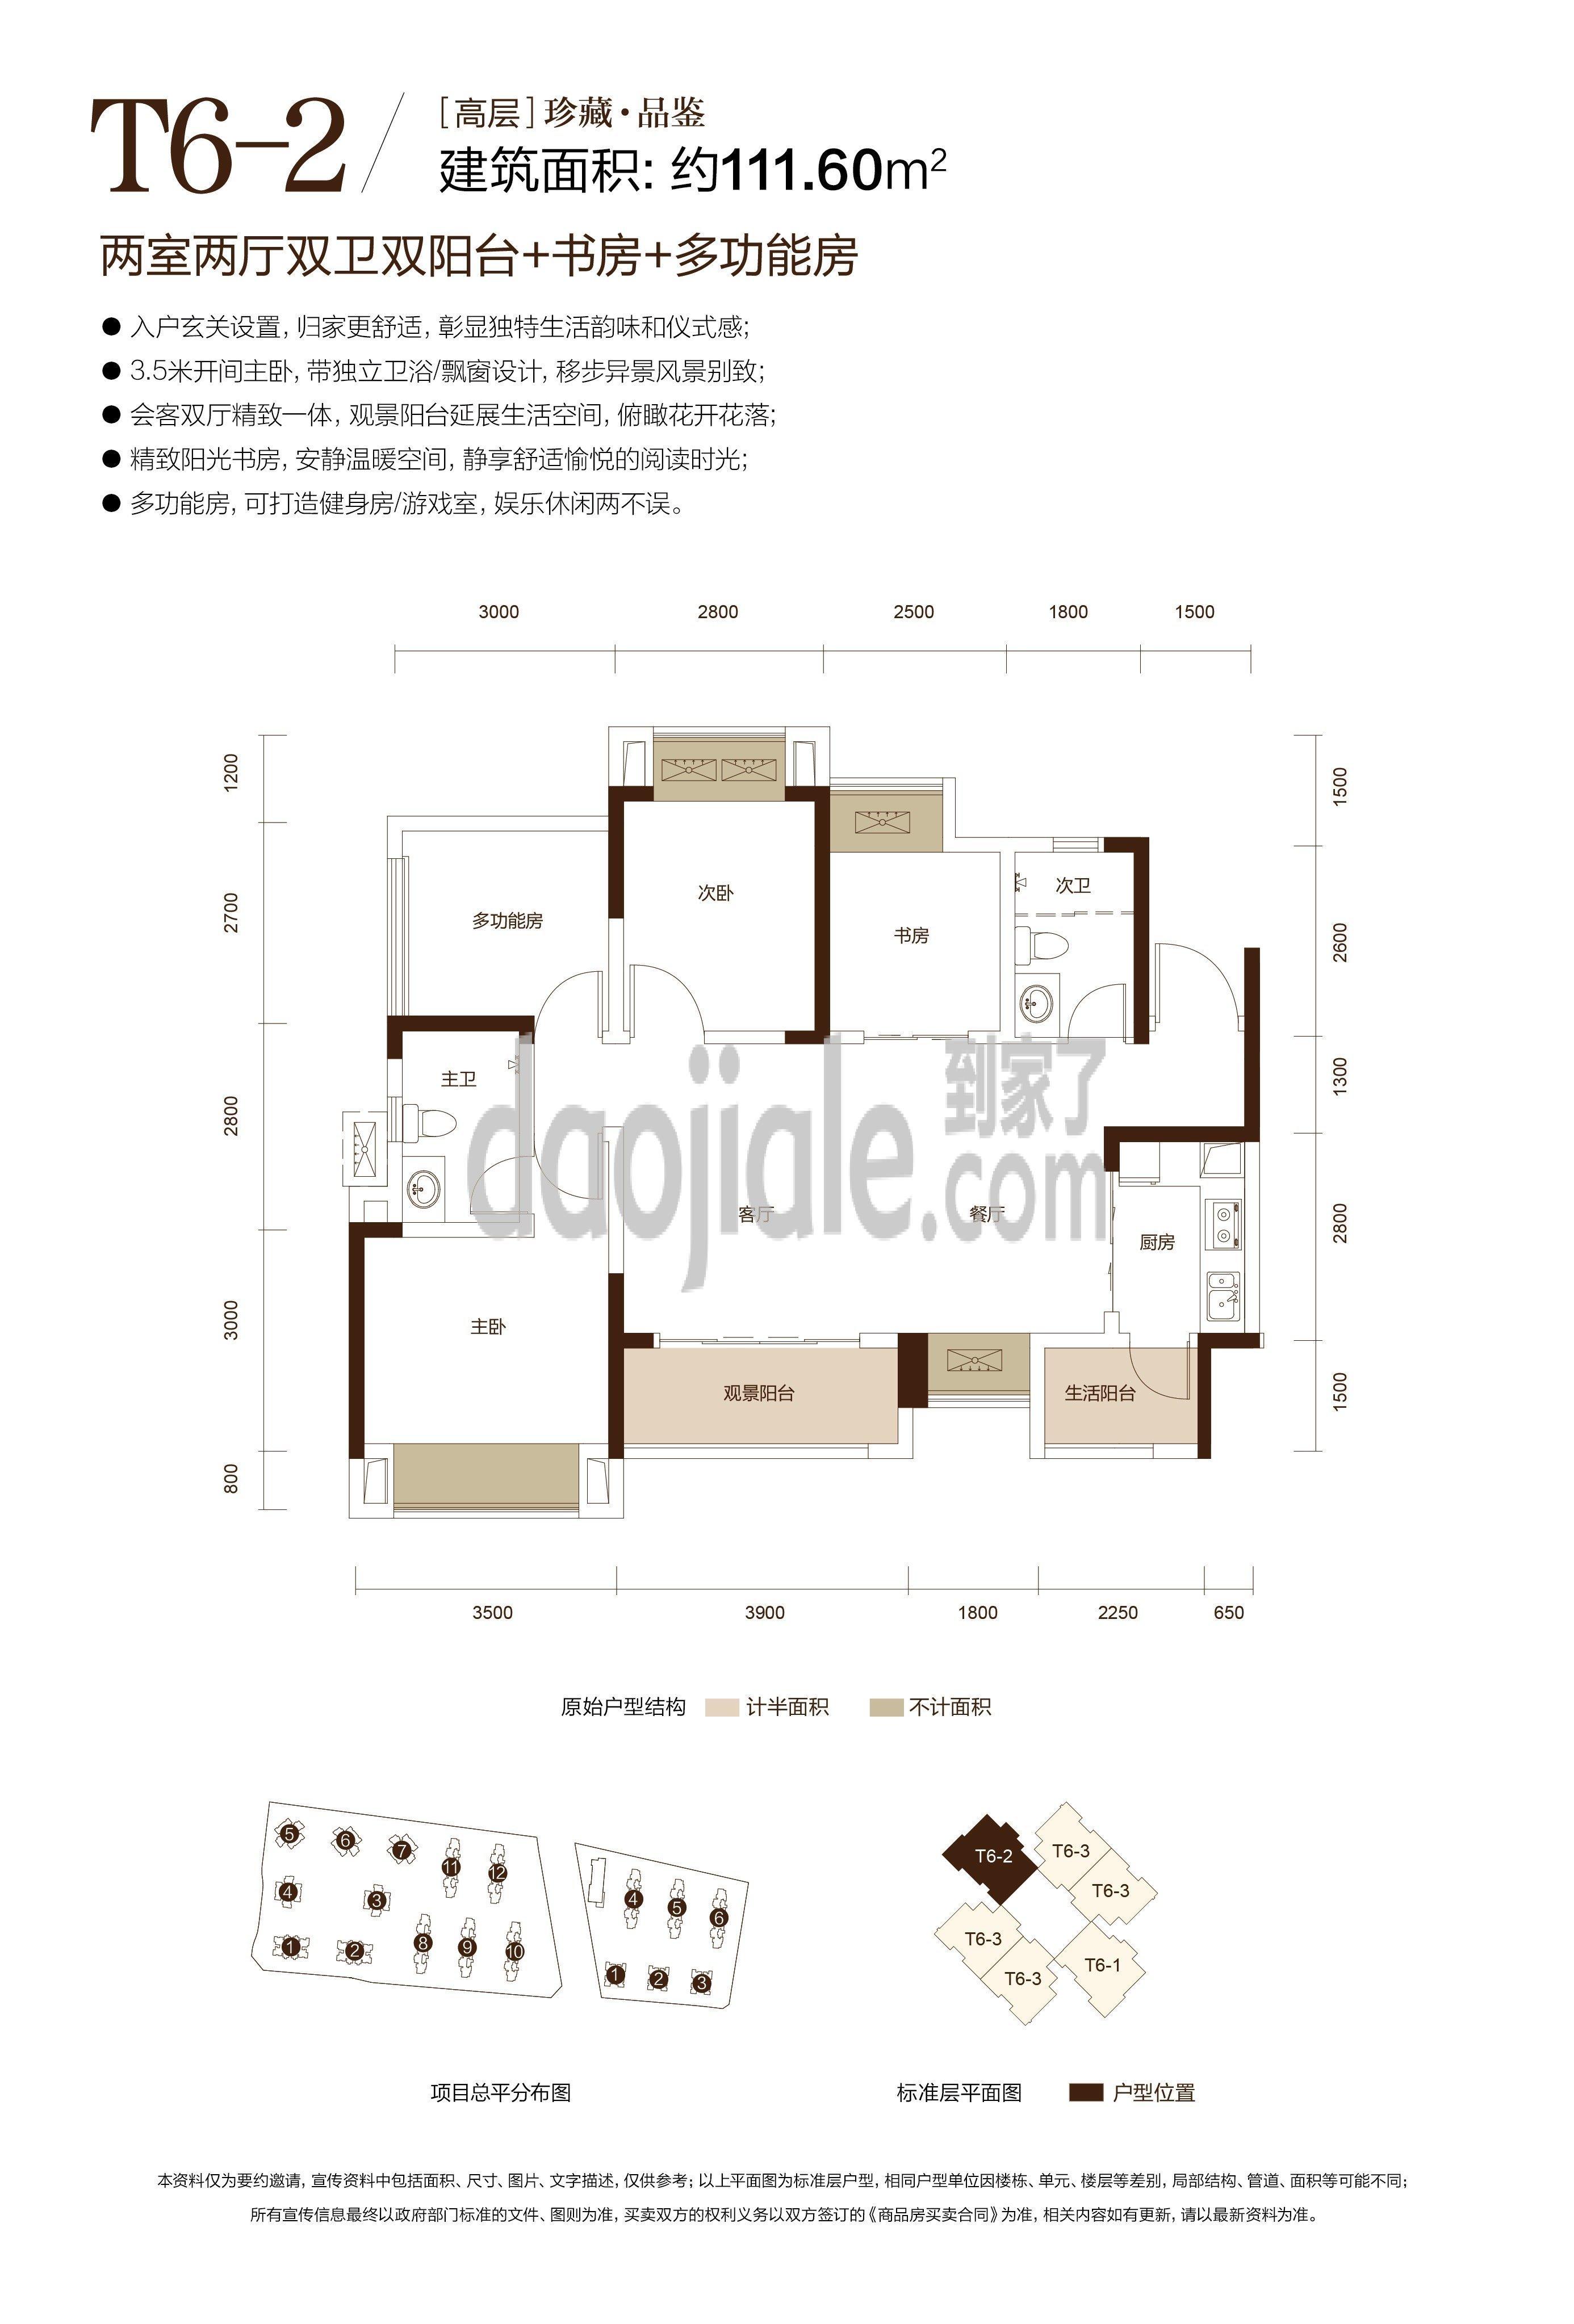 巴南区龙洲湾和泓文华府新房T6-2户型图